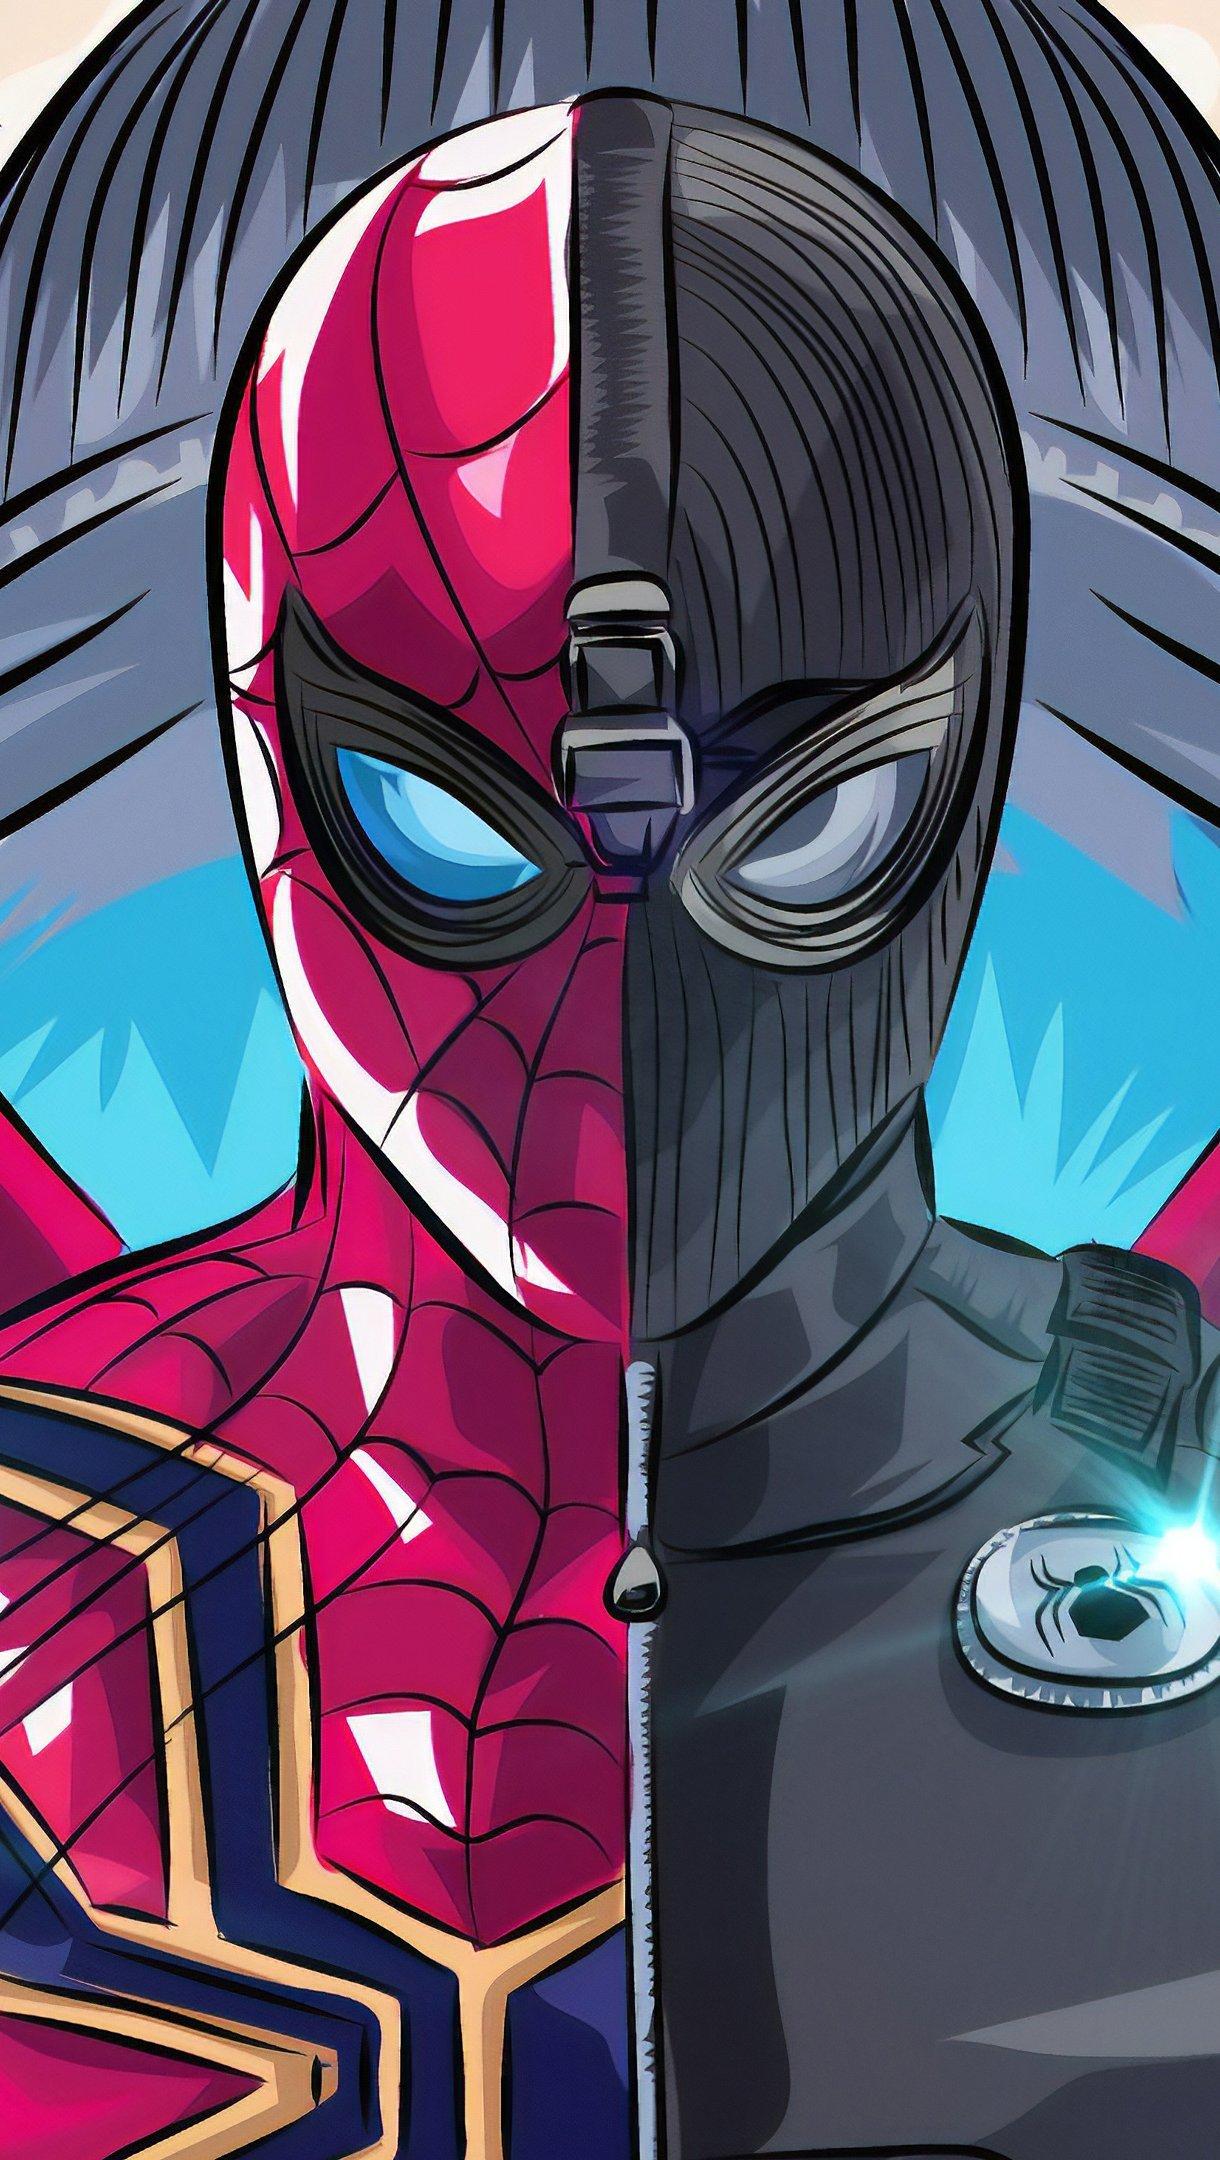 Wallpaper Spider Man Far From Home Fan Art Vertical